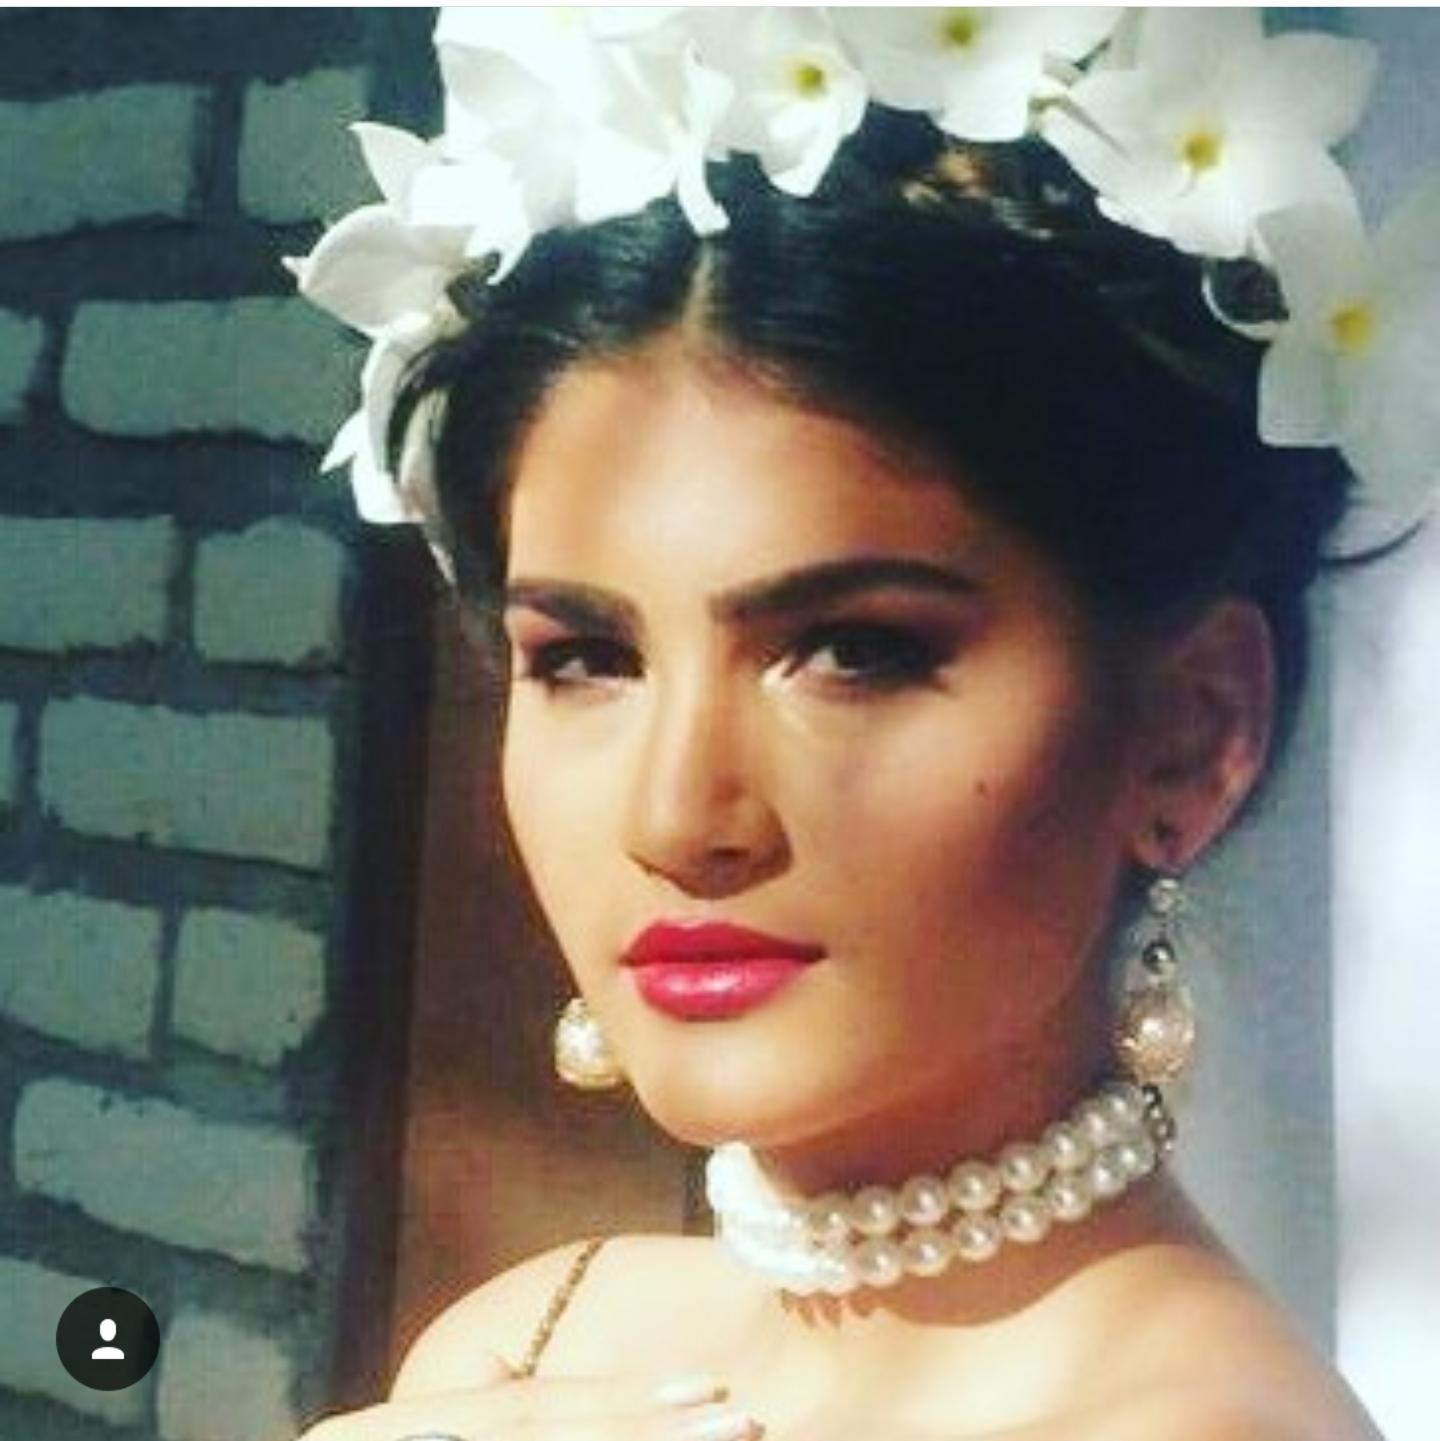 Makeup feita para noiva, referência Frida Kallo maquiagem maquiador(a)